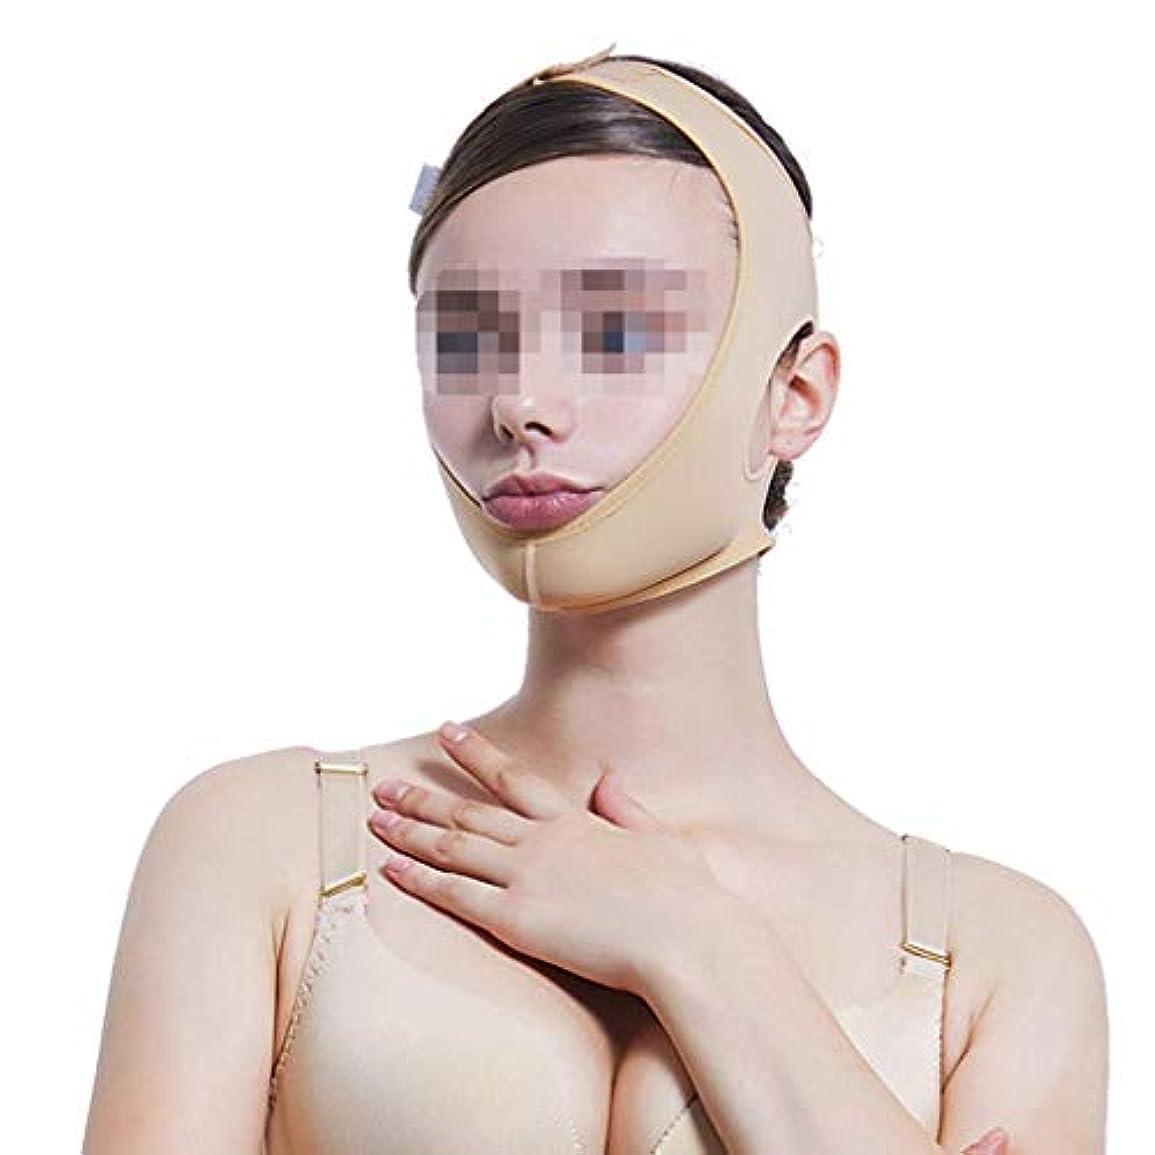 無し眉をひそめる道ビームフェイス弾性ヘッドギア、ダブルあごのあごのセットをマスクの後に線彫り薄いフェイス包帯マルチサイズオプション(サイズ:XS),M